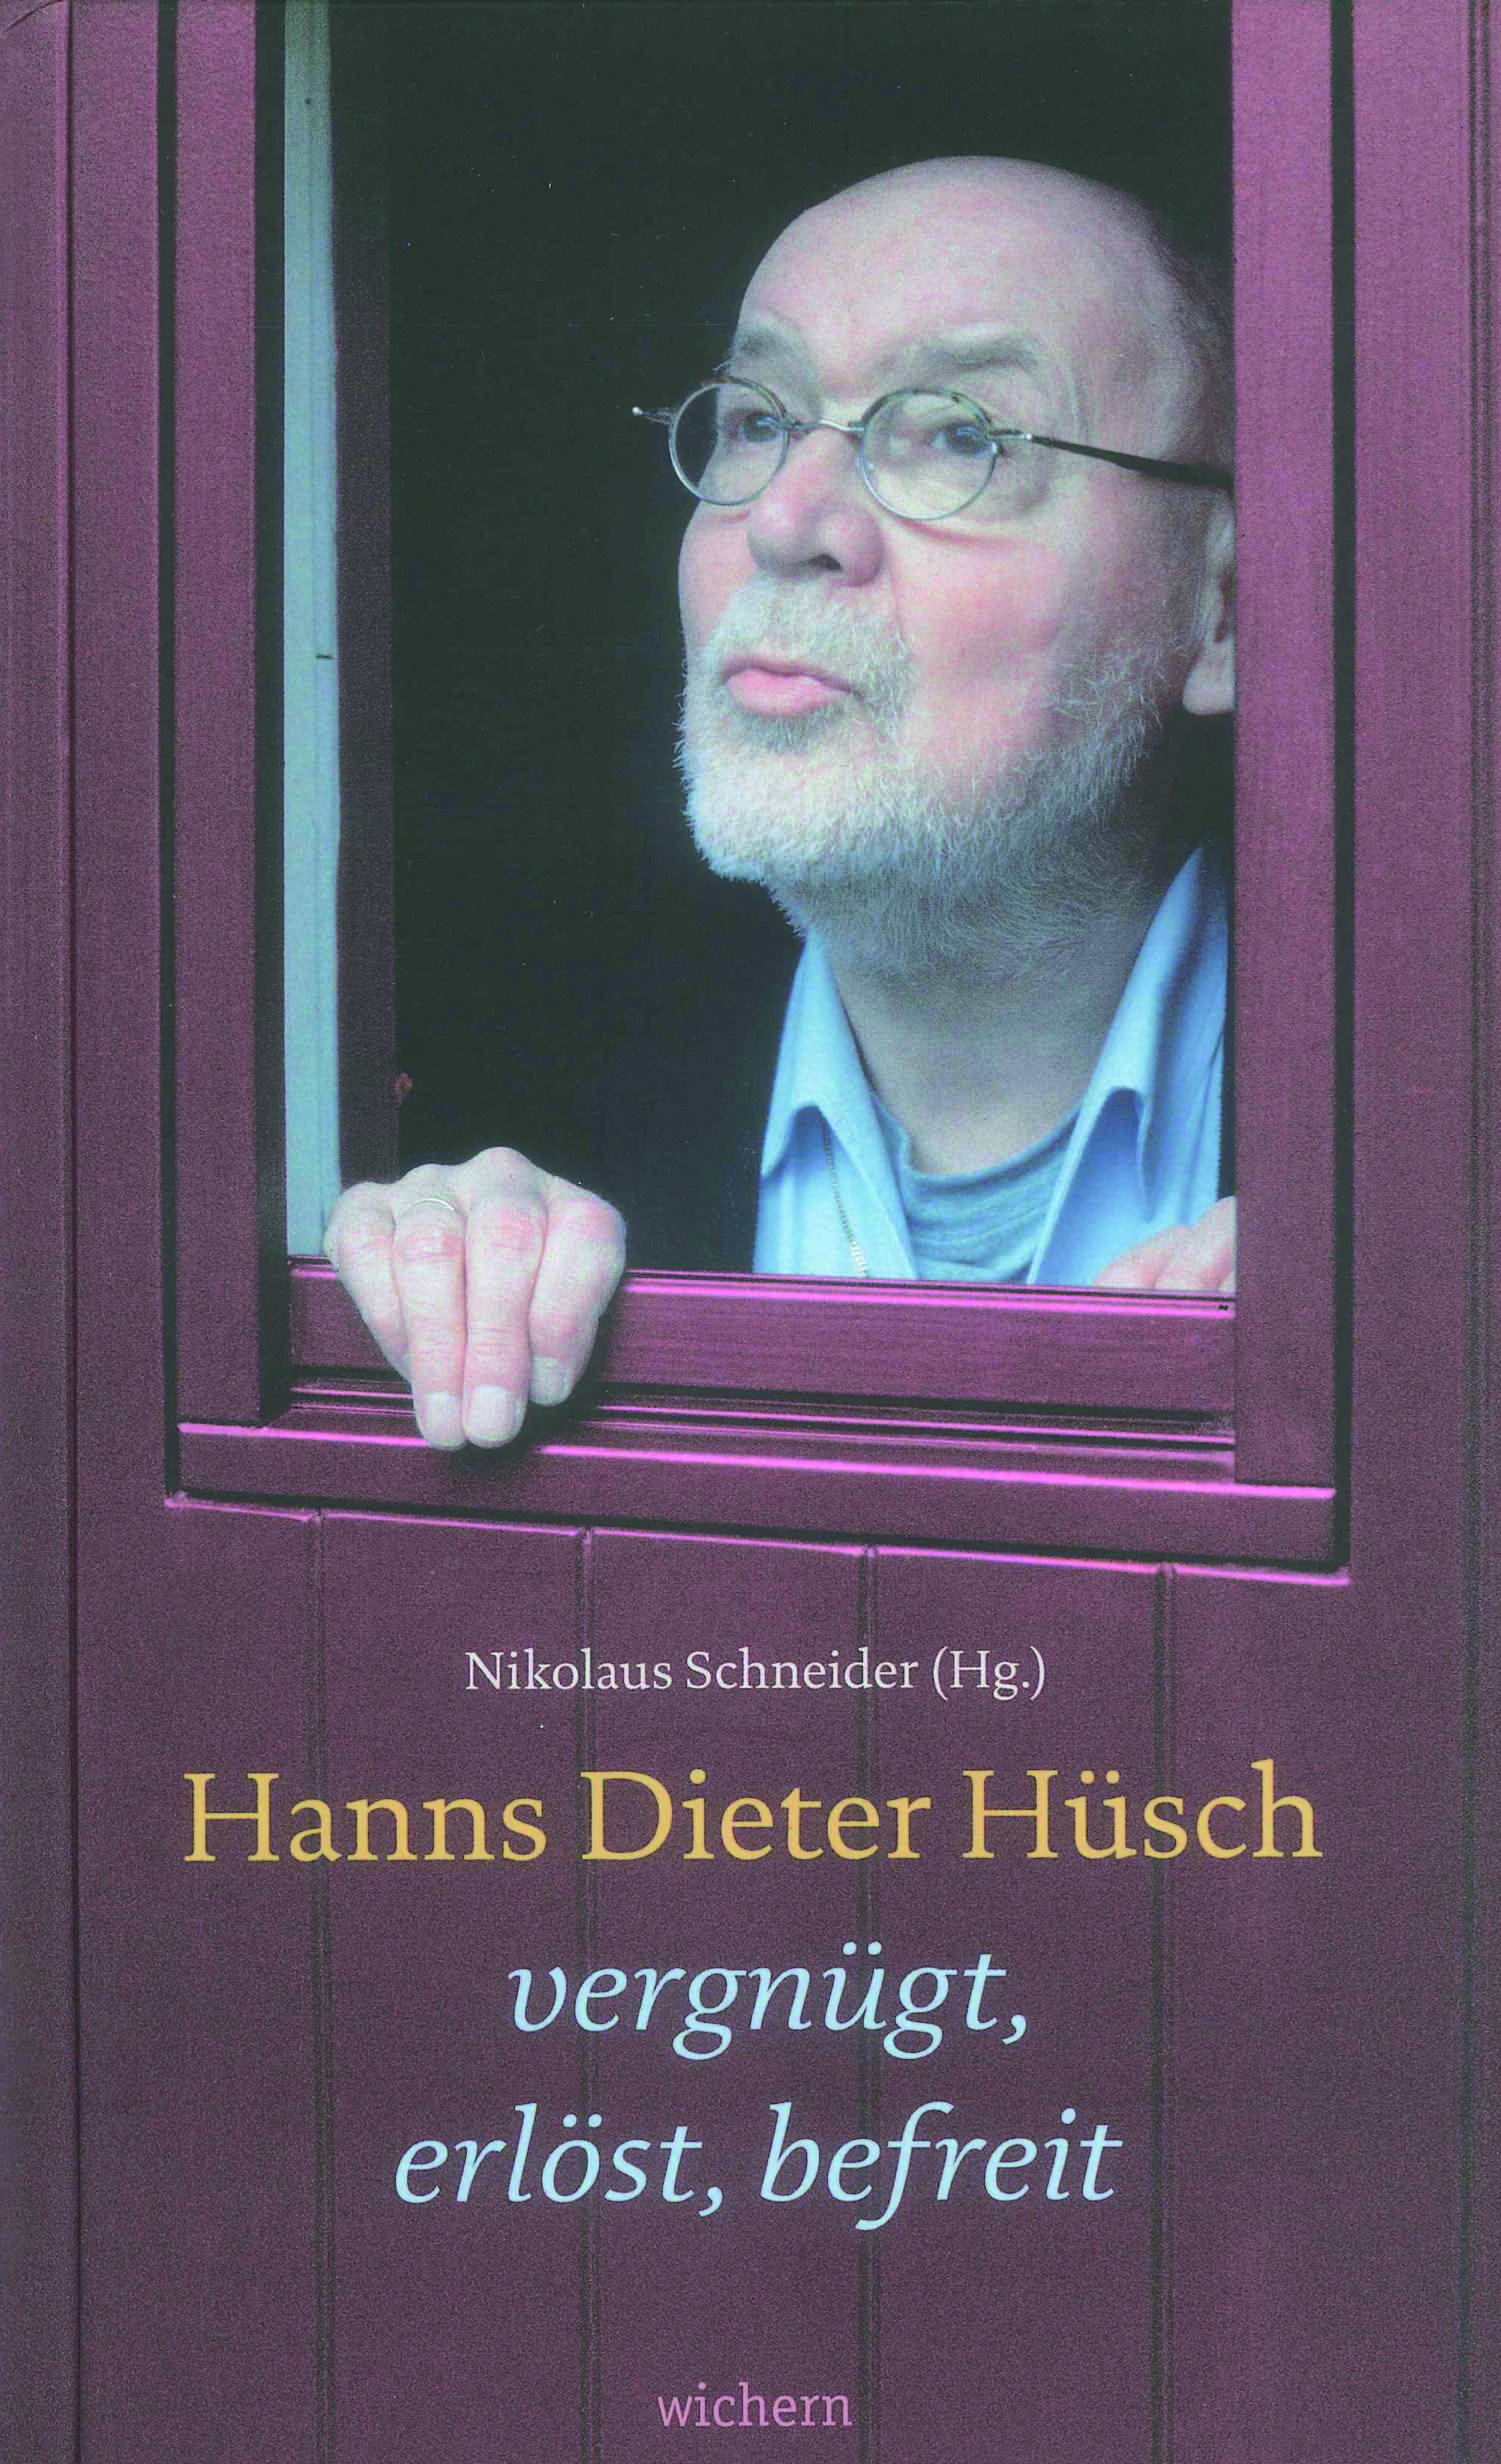 Hanns Dieter Hüsch Texte